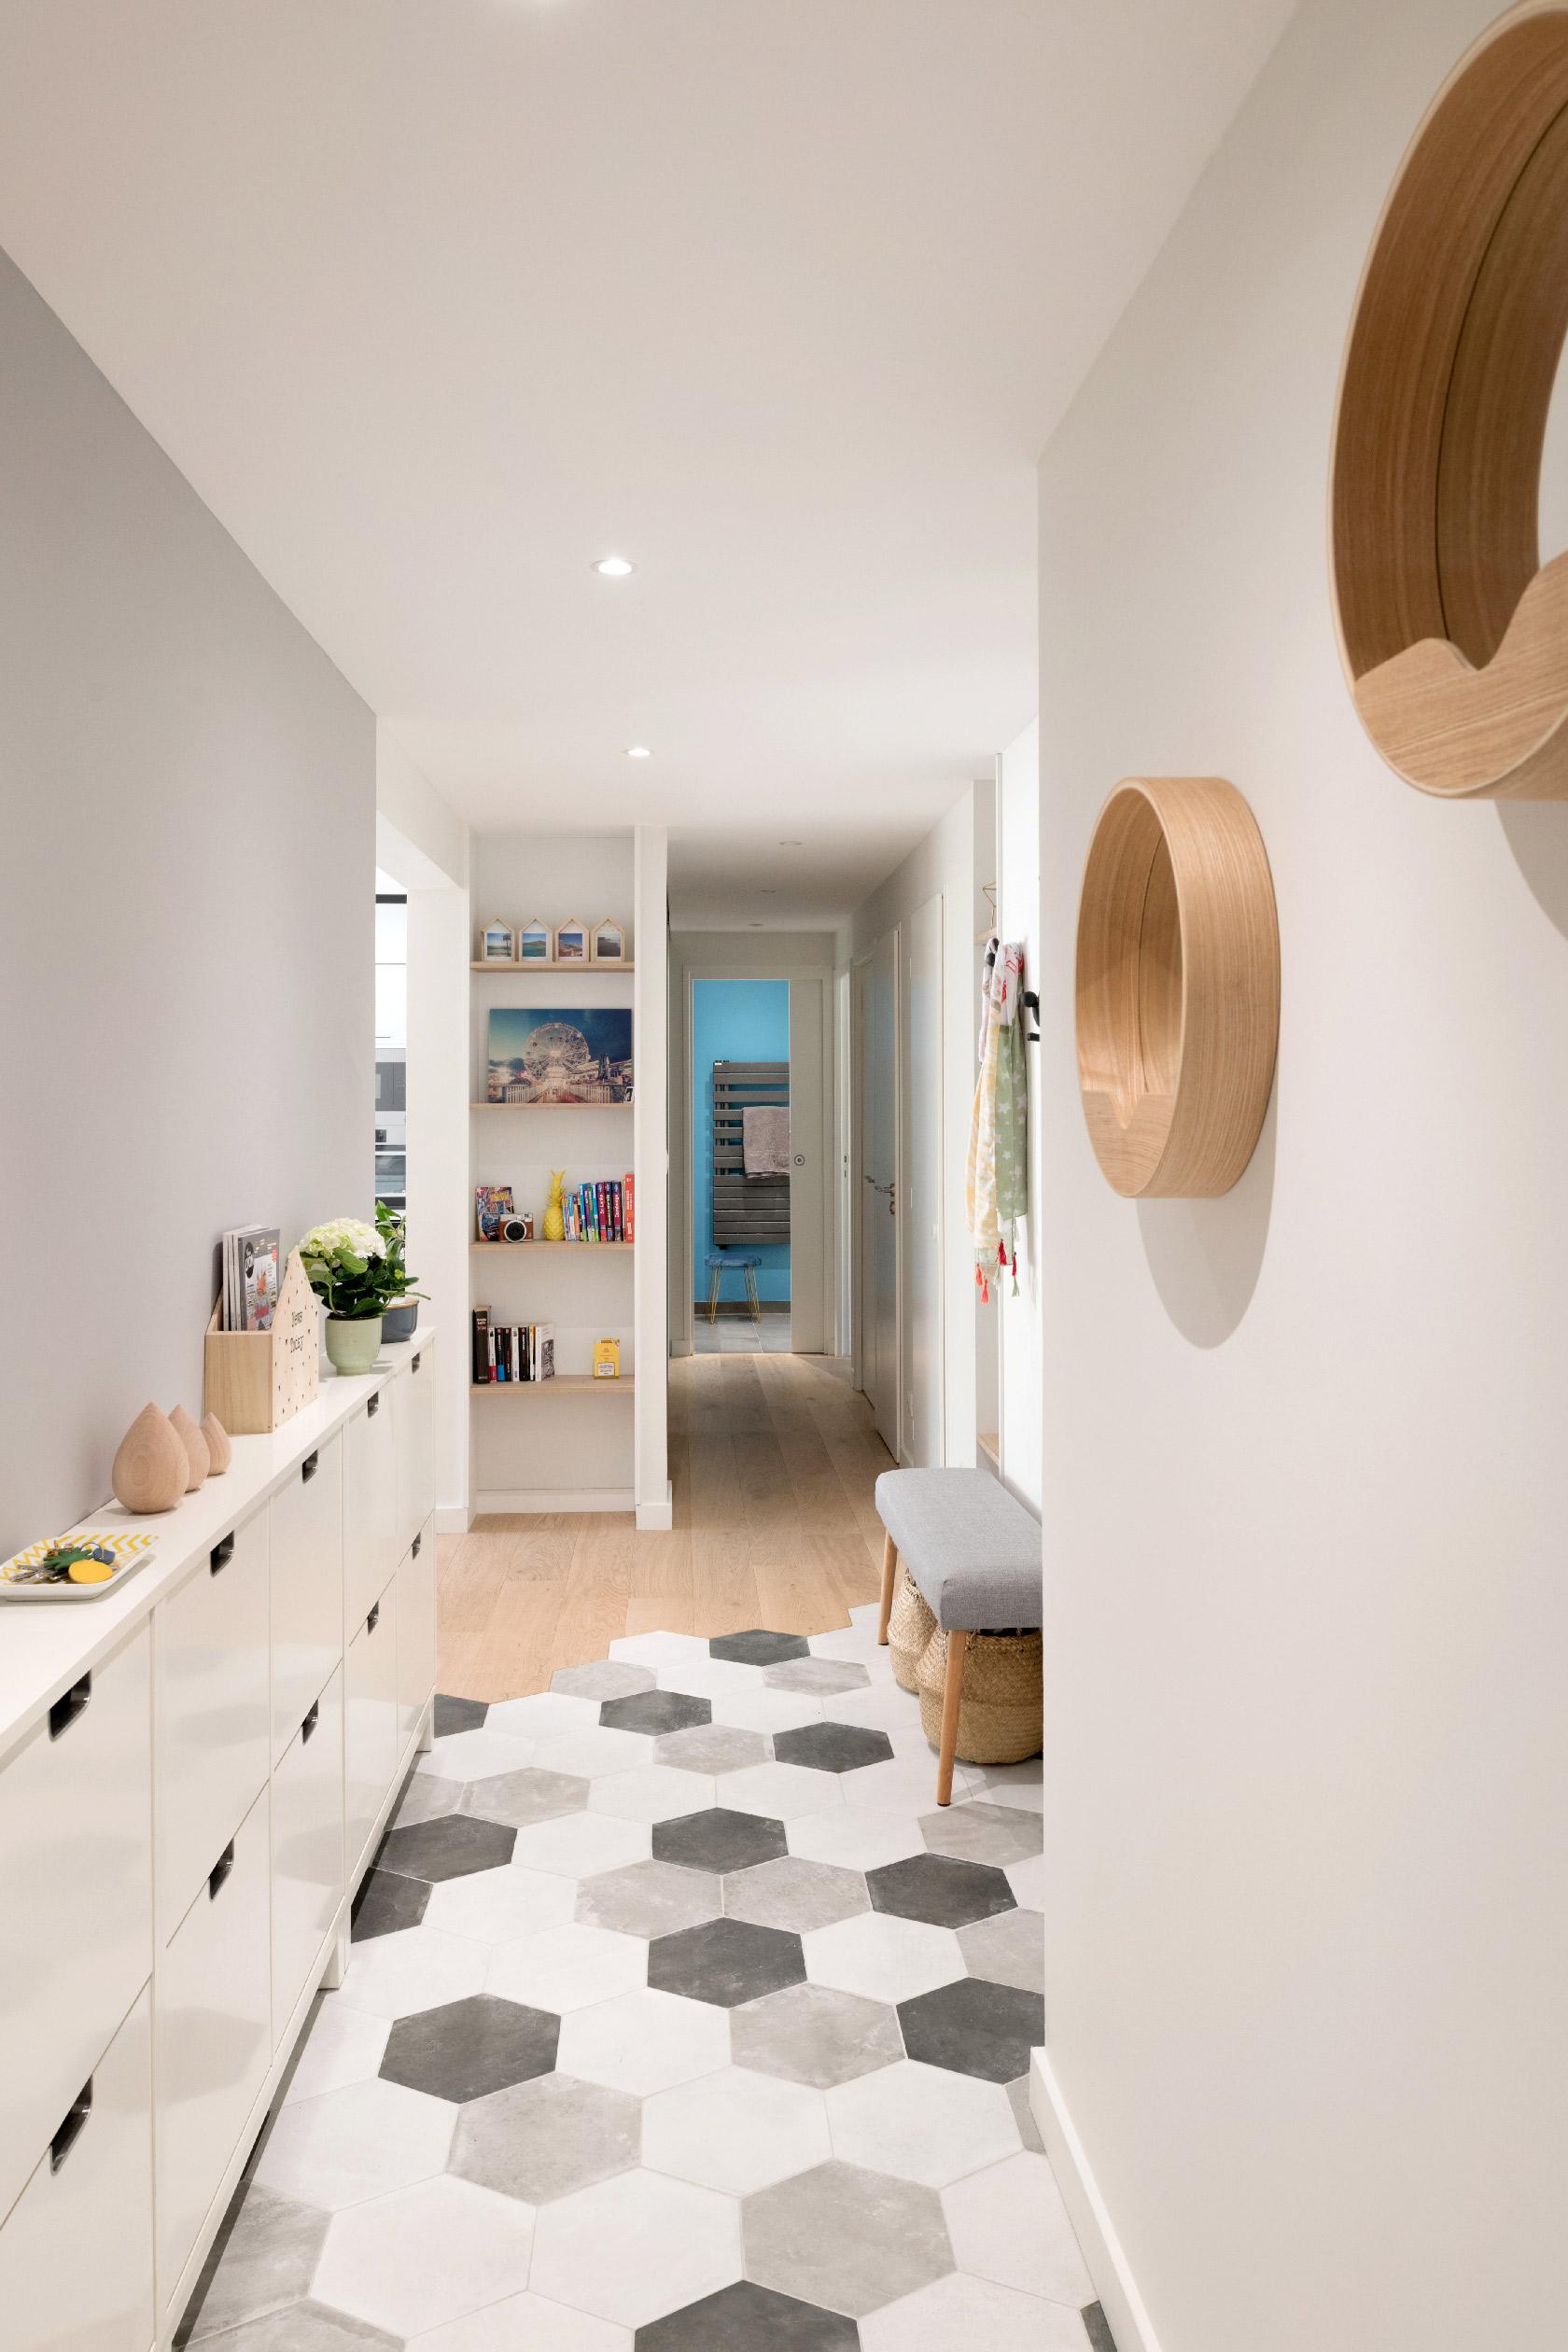 Un couloir d'entrée avec un rangement à chaussures. Au sol, un carrelage hexagonal imite des carreaux de ciment blancs, gris et noir. A la jointure, la découpe du parquet suit la forme du carrelage hexagonal.